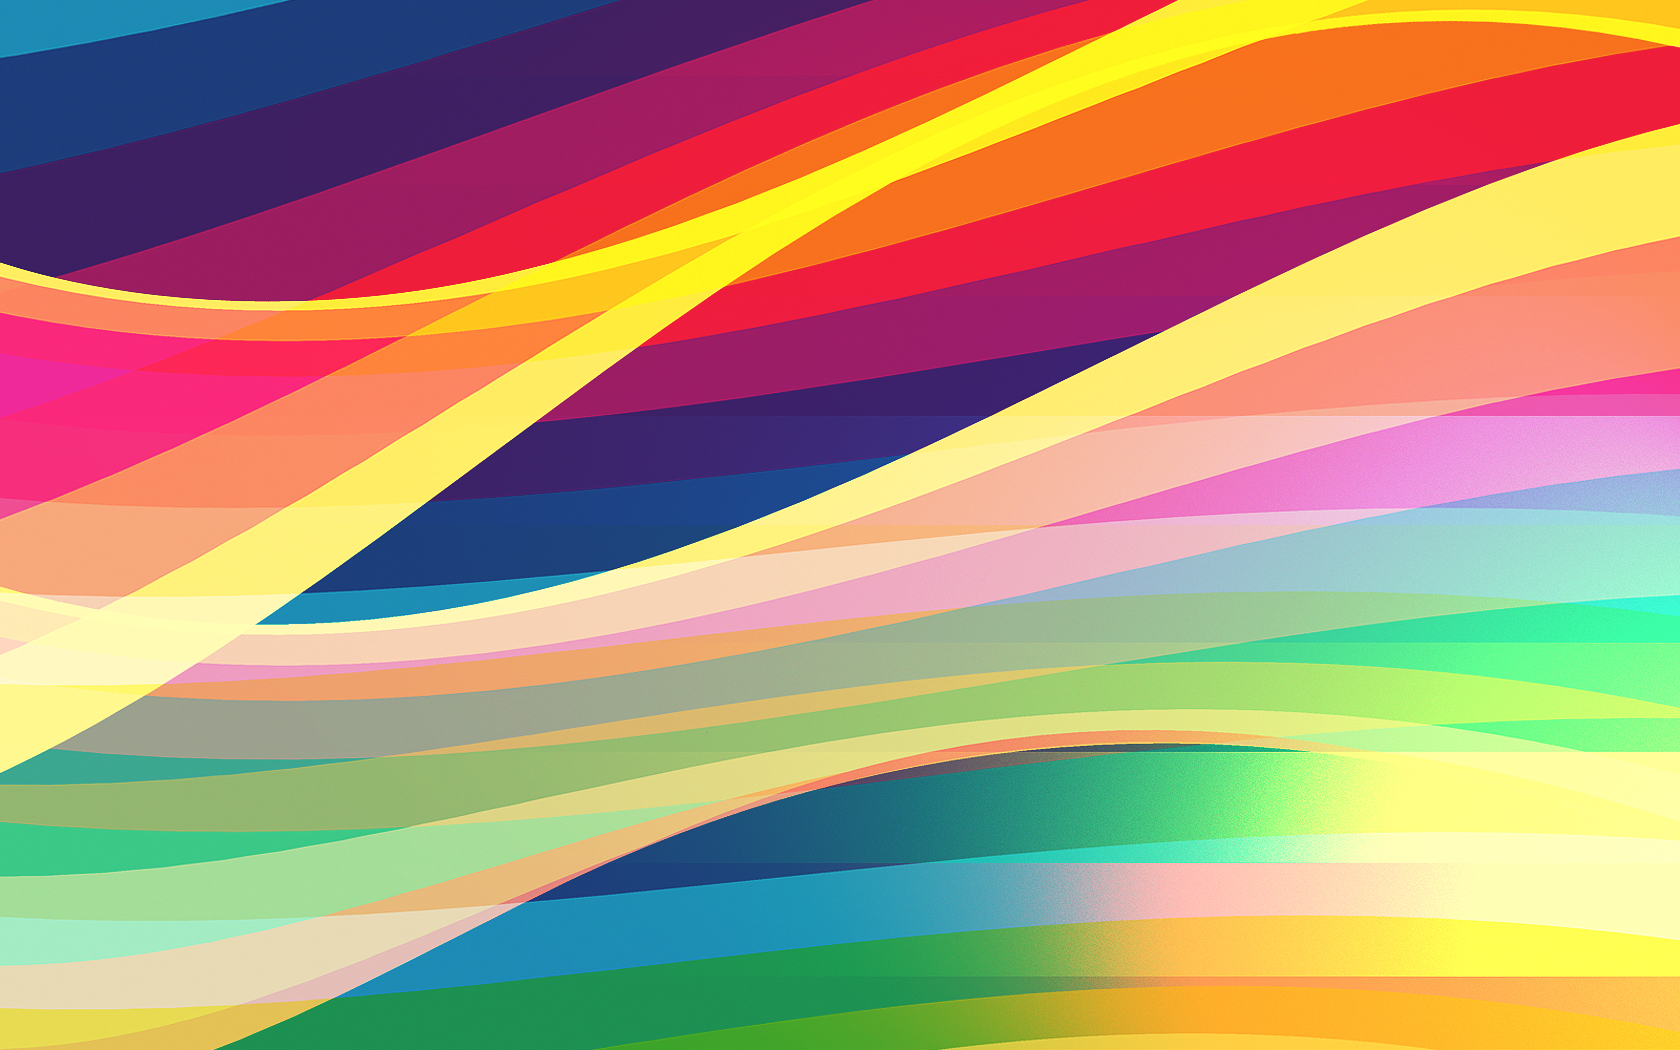 Awallpapers 14 Sfondi Molto Colorati Per Smartphone E